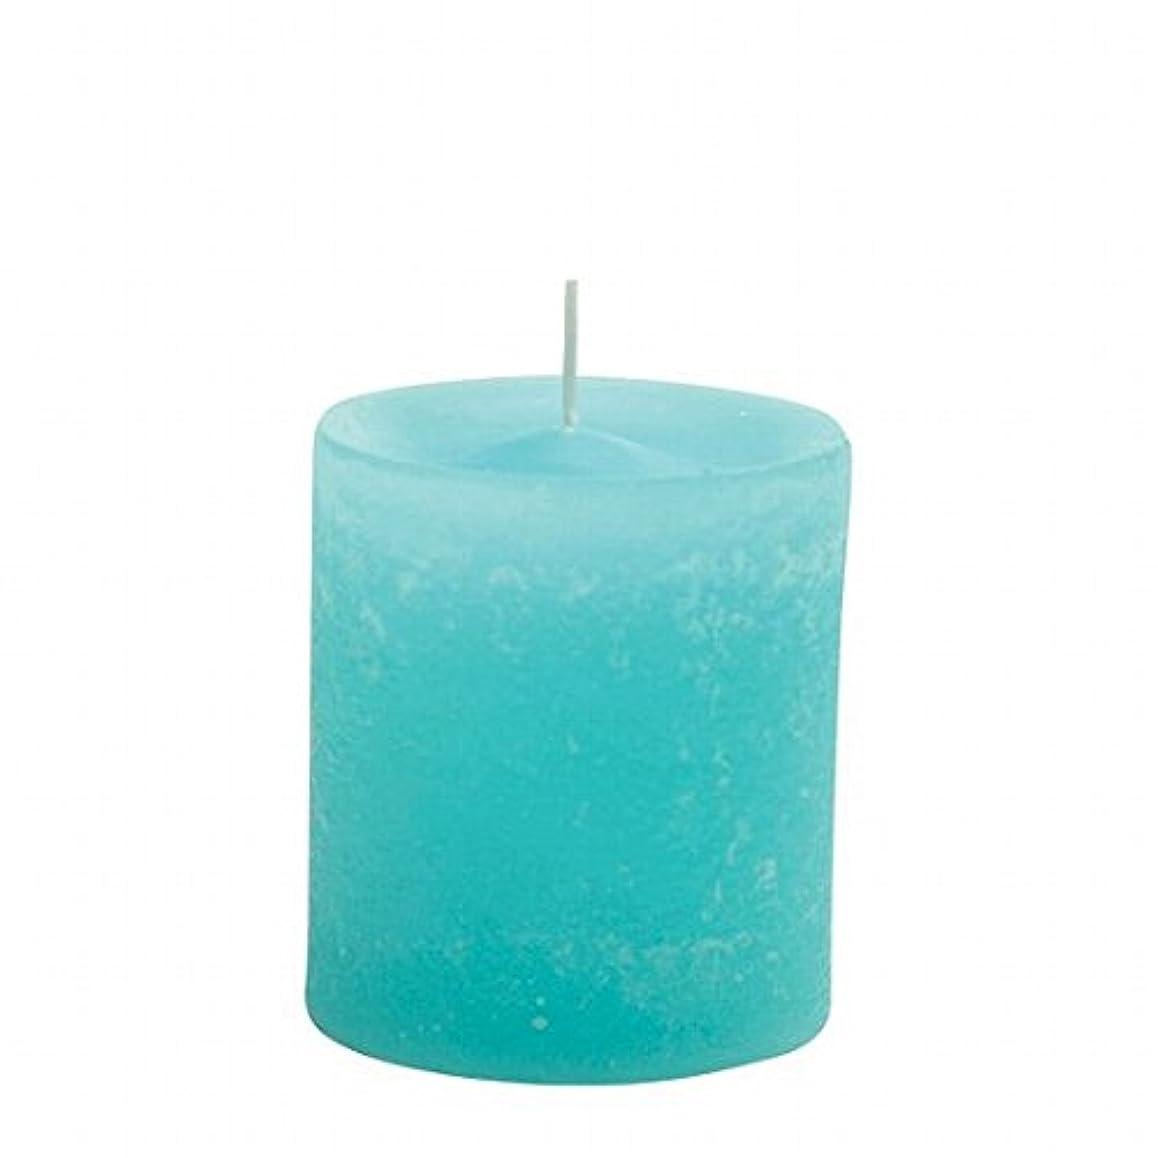 ビーチ真夜中ダッシュカメヤマキャンドル(kameyama candle) ラスティクピラー70×75 「 ライトブルー 」